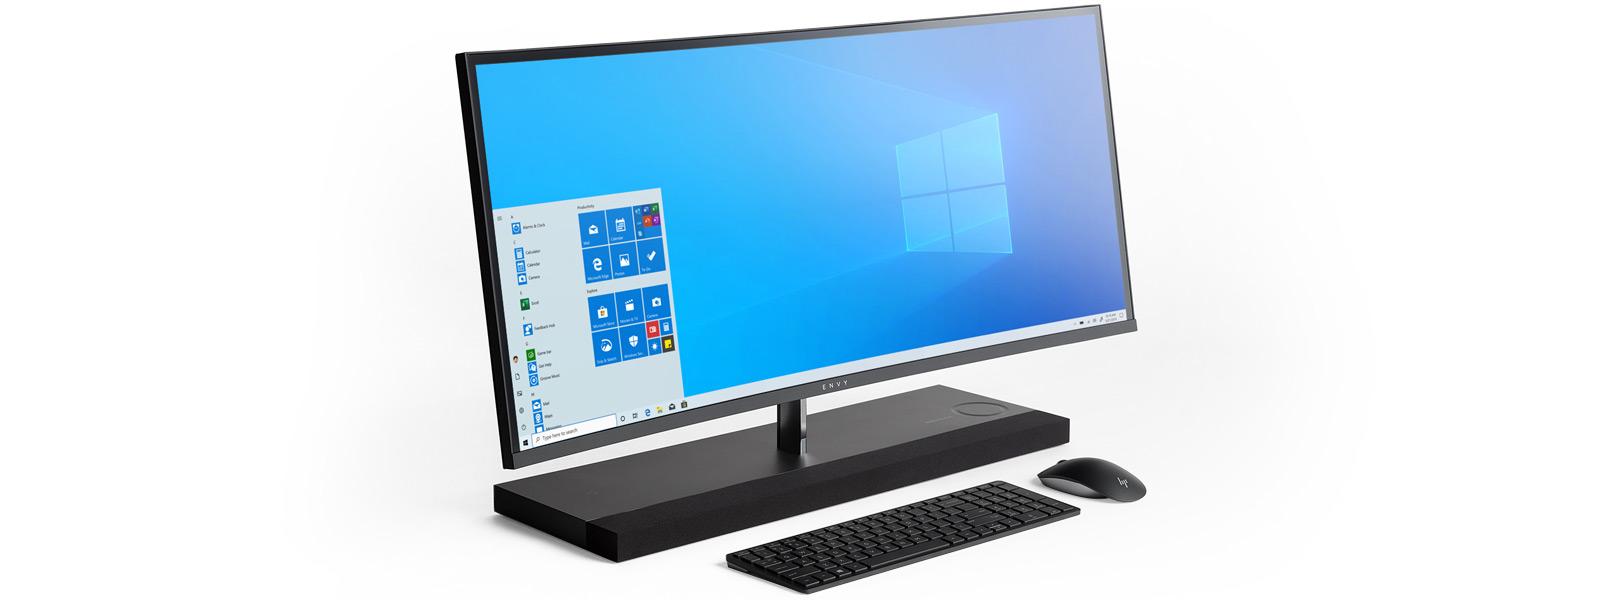 Настольный компьютер HP ENVY 27 с клавиатурой и мышью, на экране которого отображается начальный экран Windows 10